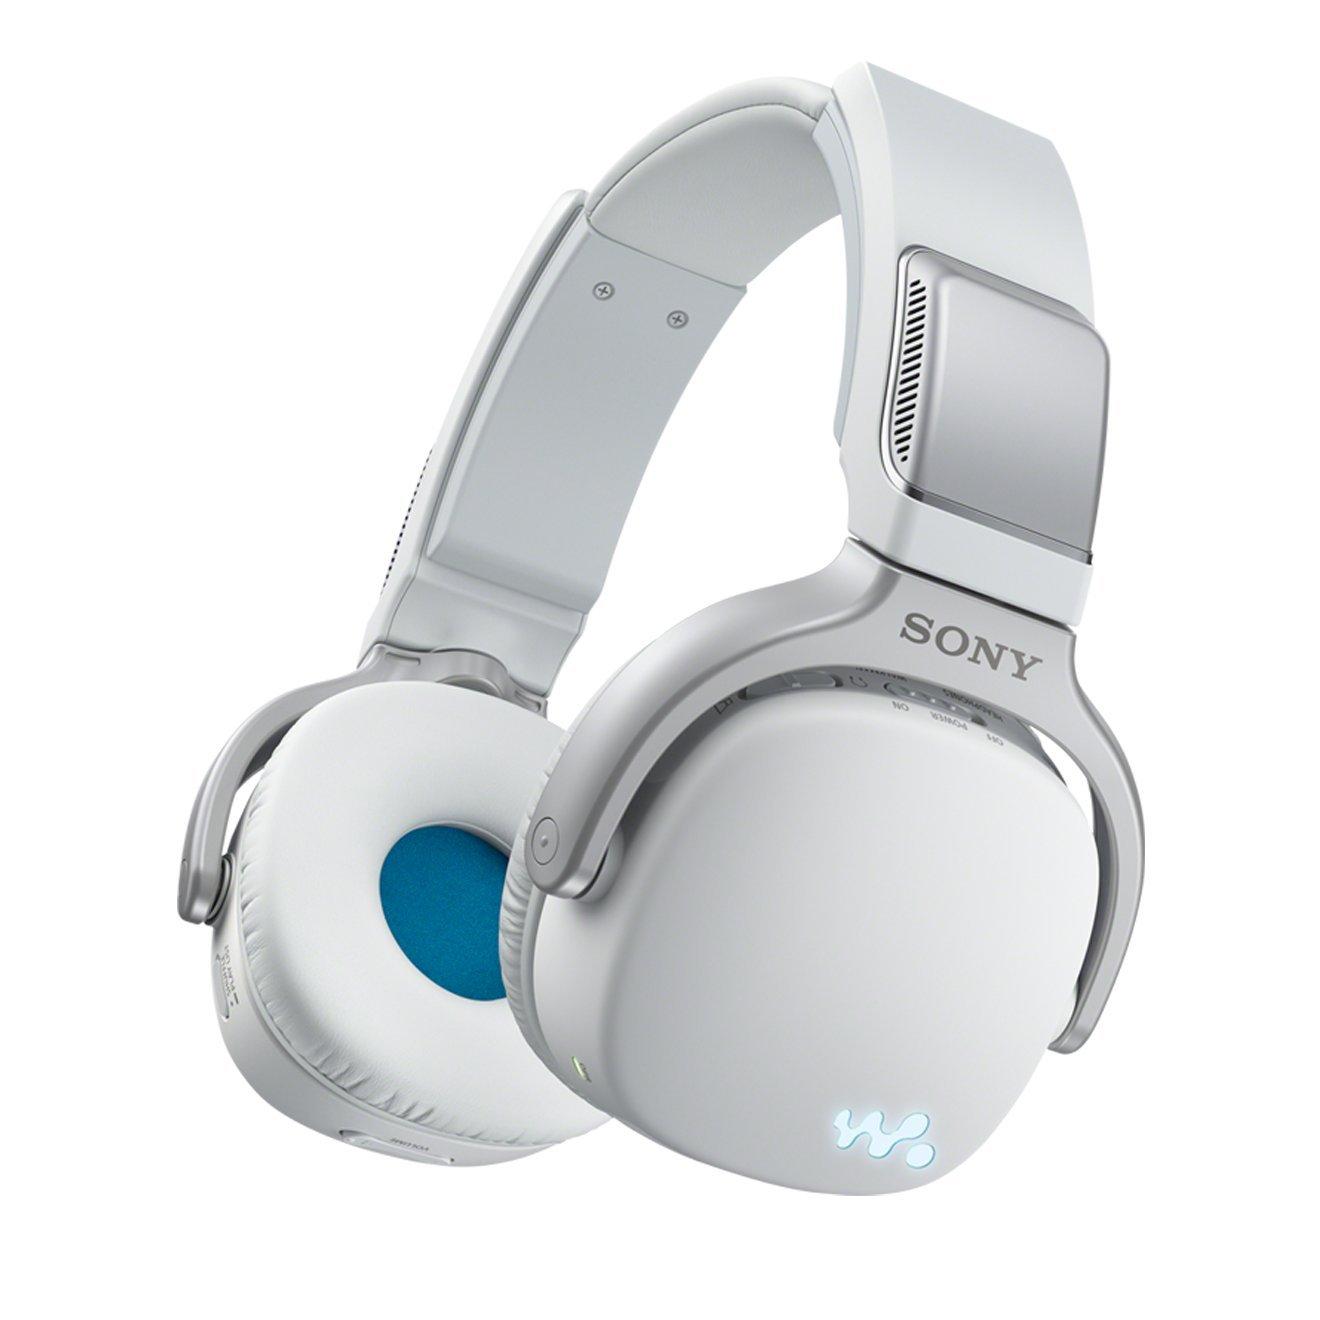 Sony NWZ-WH303 MP3 Player (4GB) - White by Sony